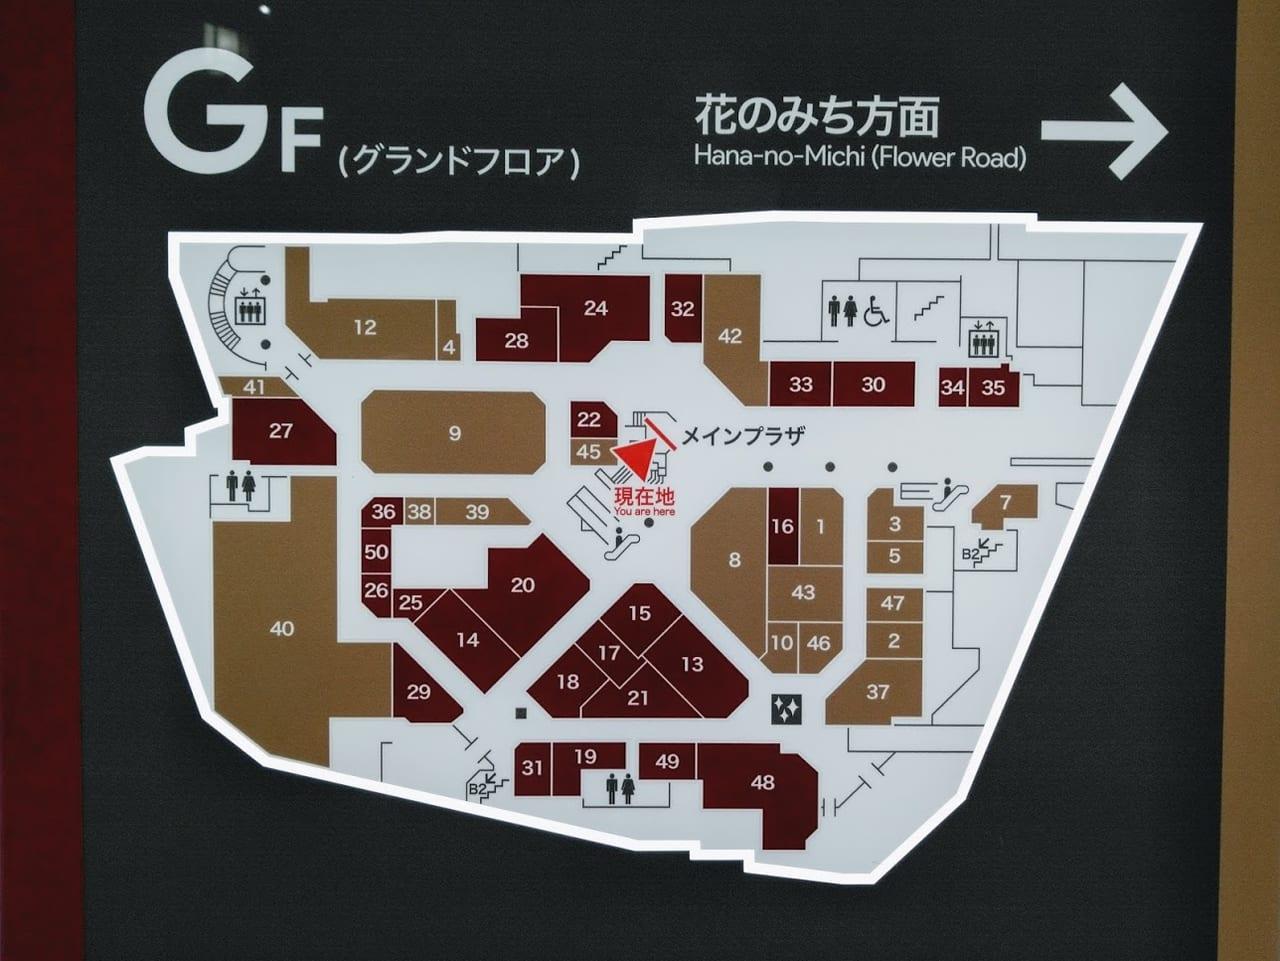 ソリオ1GFに天ぷら和食まんてんがオープン